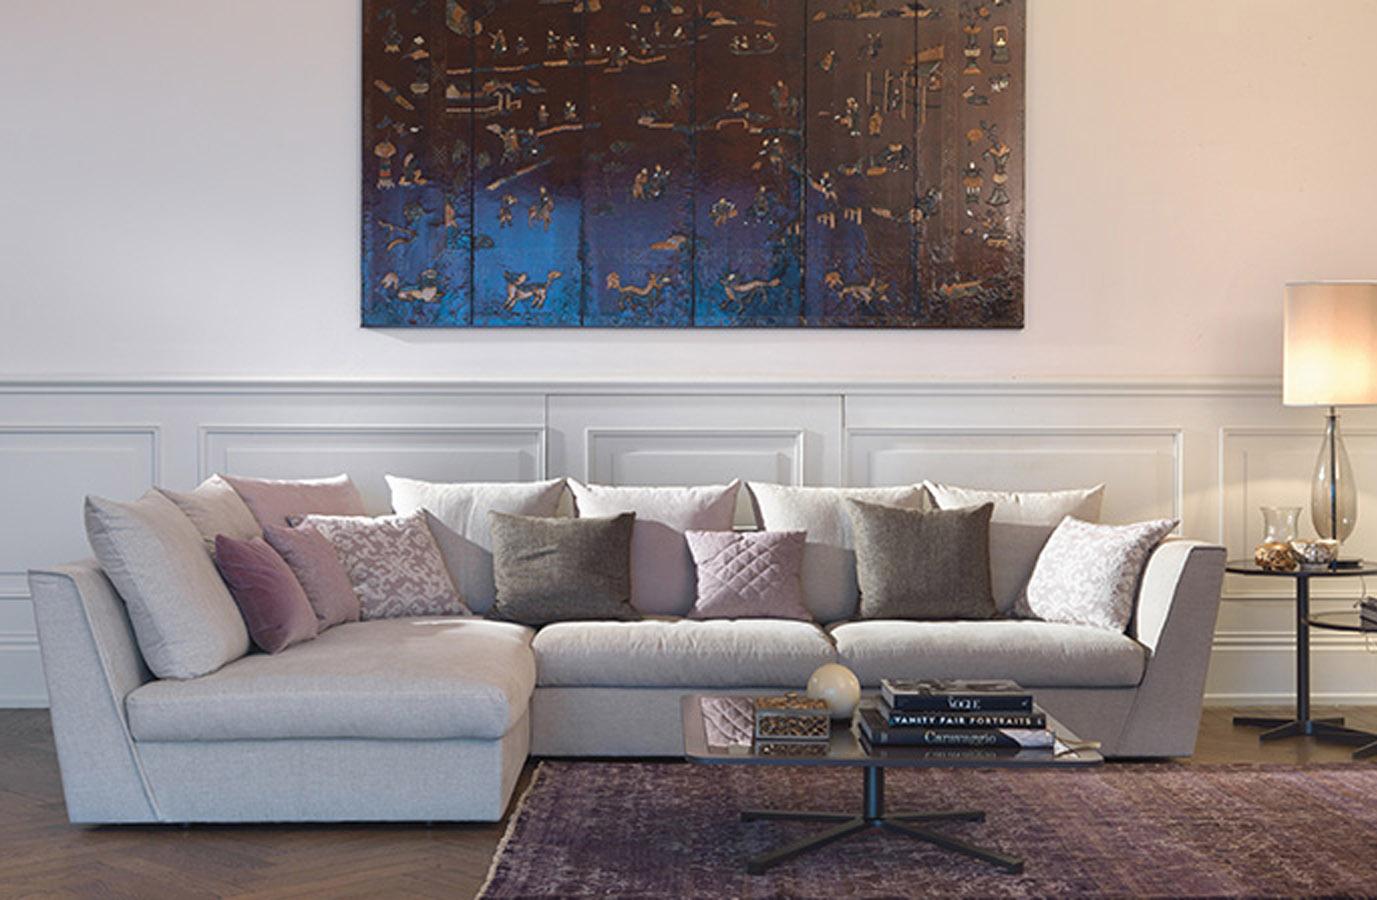 Biba-divano-Altea-moderno-design-stoffa-pelle-ecopelle-angolo-3-2-posti-chaise-longue-arredamento-mobili-righetti-novara